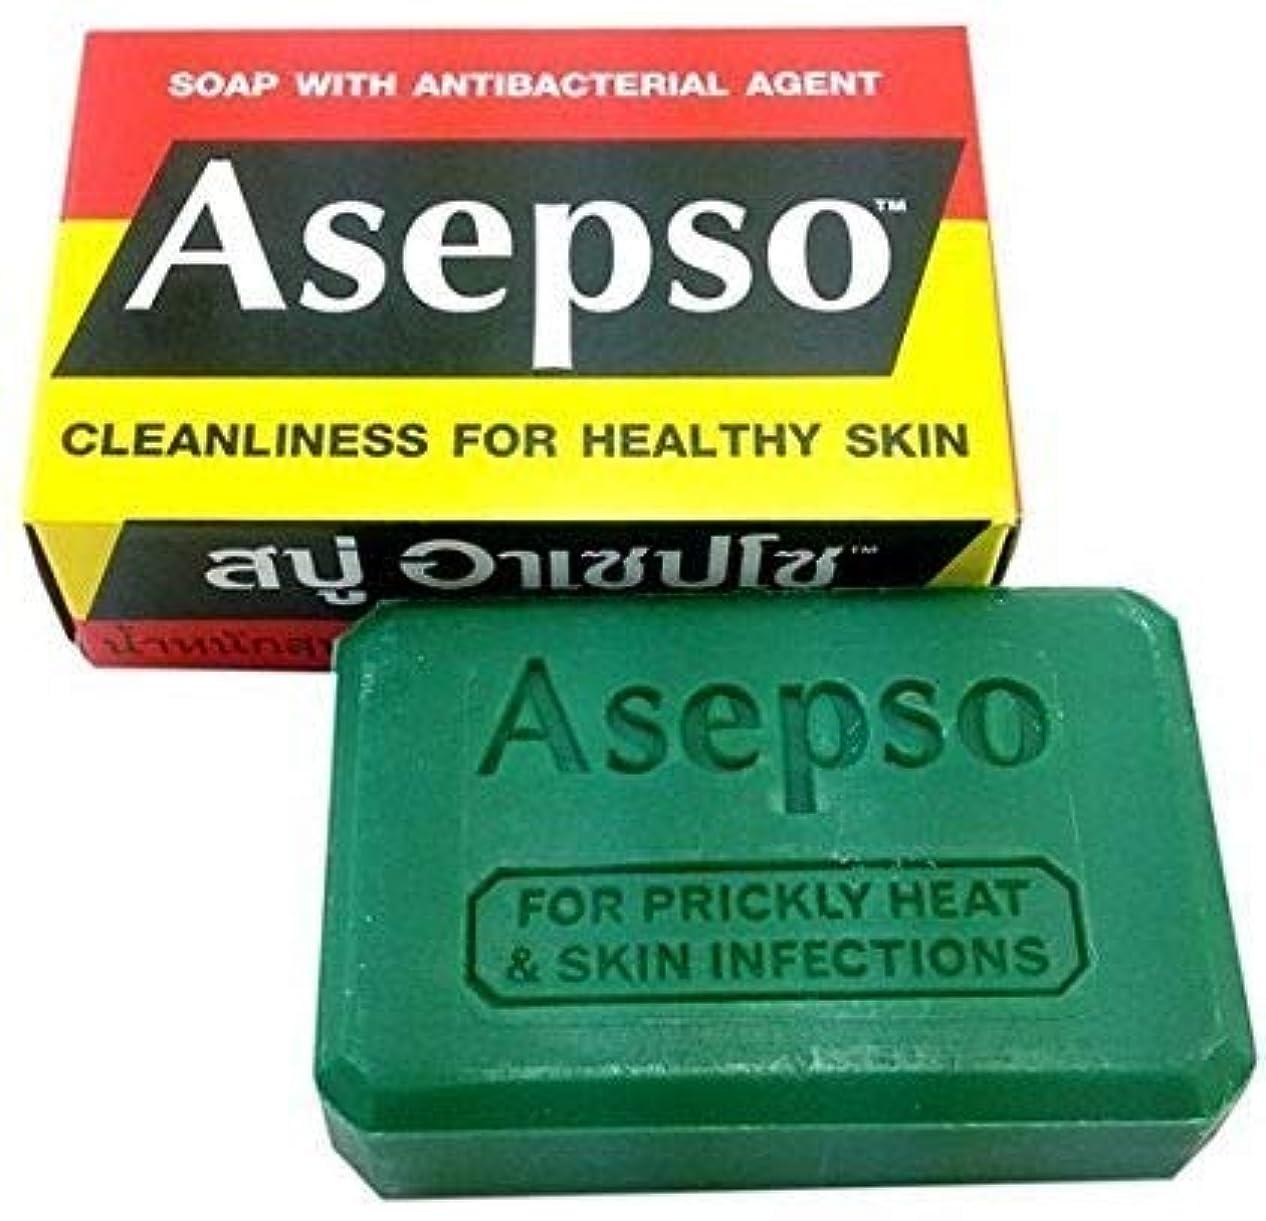 アミューズメント遅滞検証Ni Yom Thai shop Asepso Soap with Antibacterial Agent 80 Grams